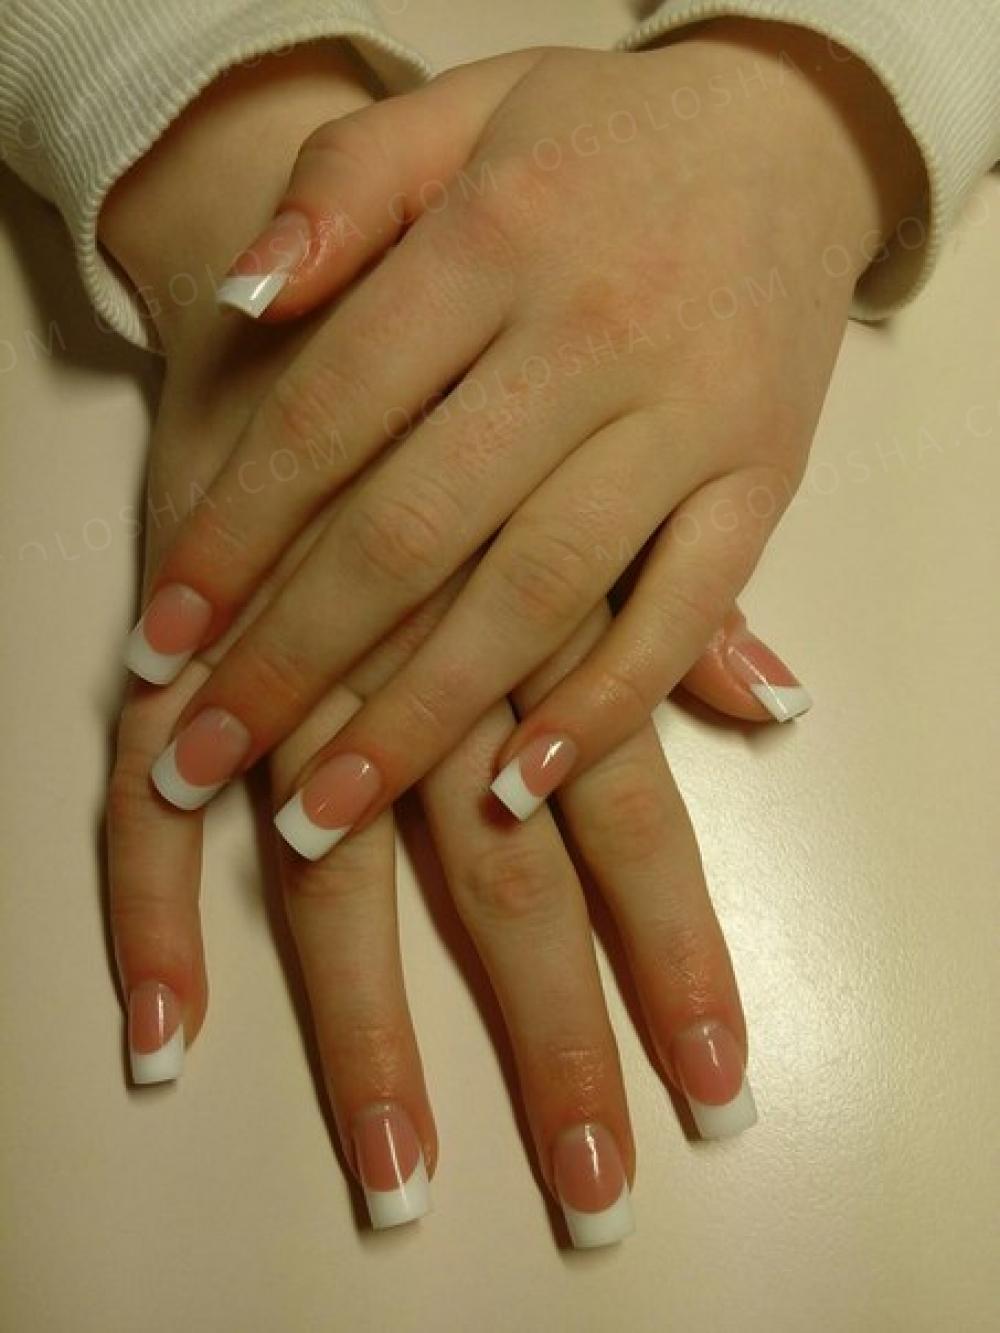 Наращивание ногтей гелем. Покрытие Гель-лак+маникюр. Укрепление ногтей гелем.